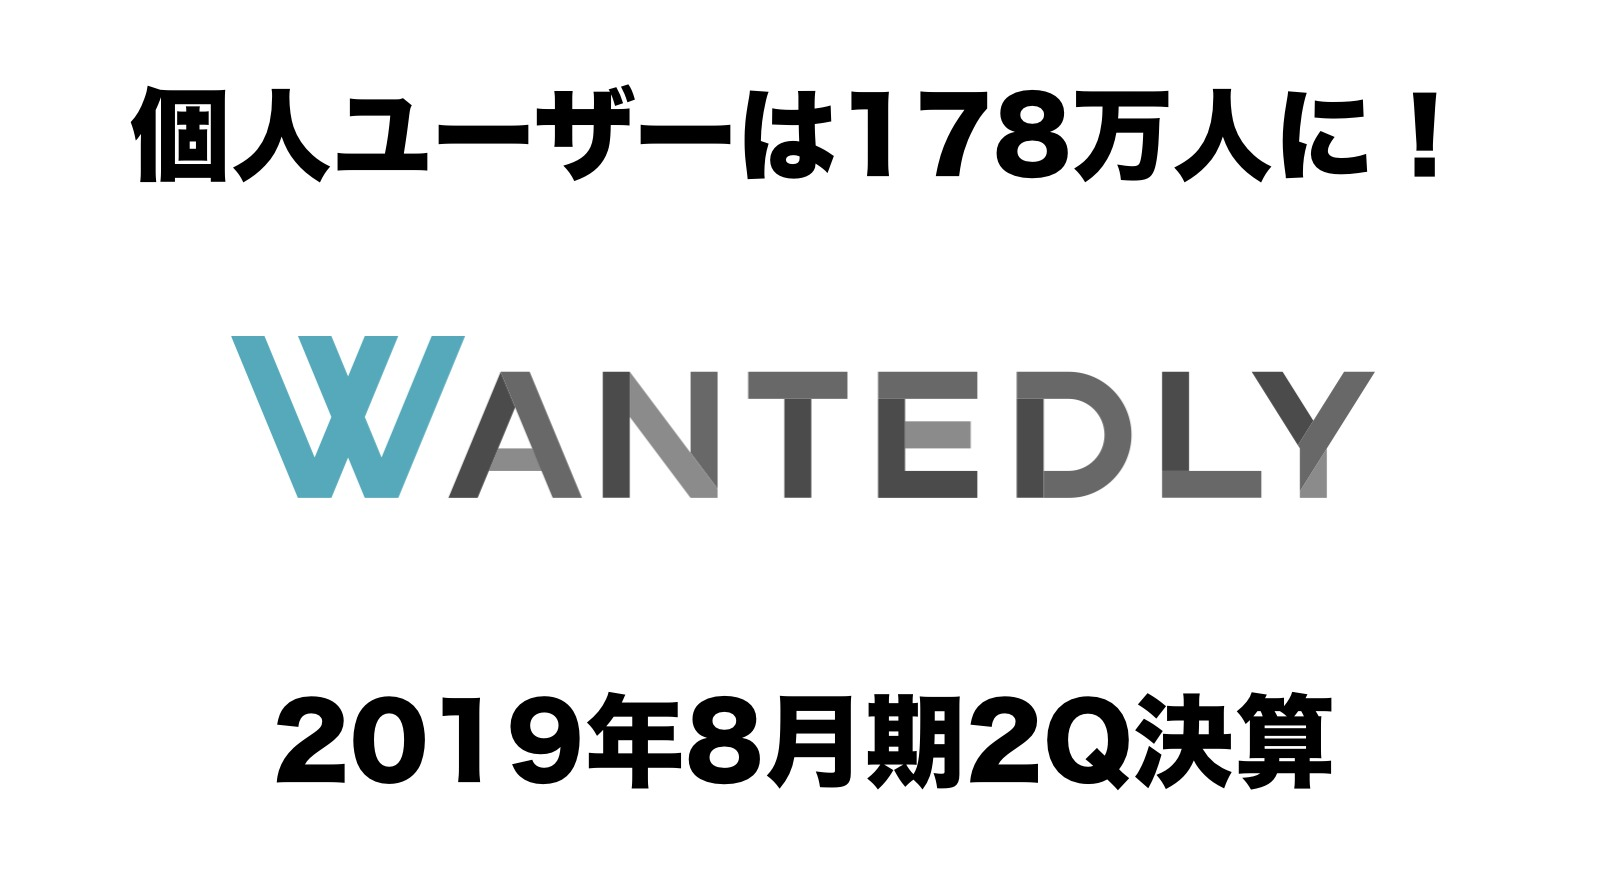 個人ユーザーは178万人に!「Wantedly」2019年8月期2Q決算